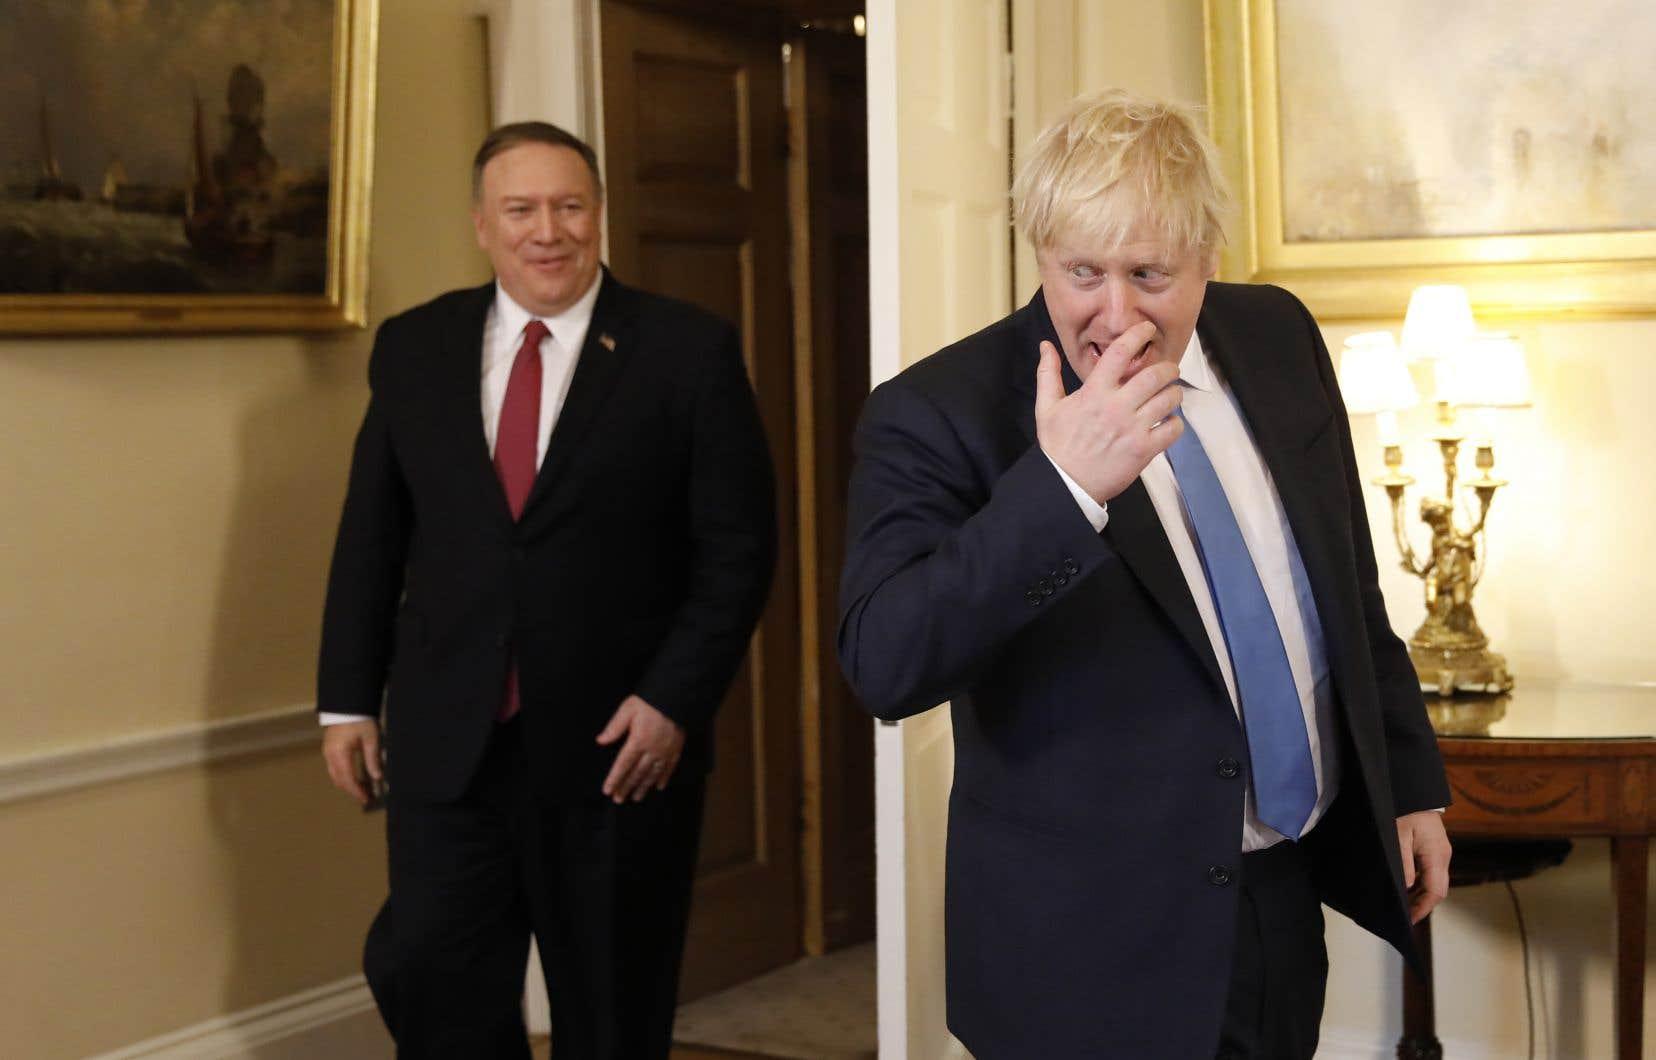 Le secrétaire d'État américain, Mike Pompeo, a été reçu à la résidence du premier ministre britannique, Boris Johnson, jeudi, à Londres.